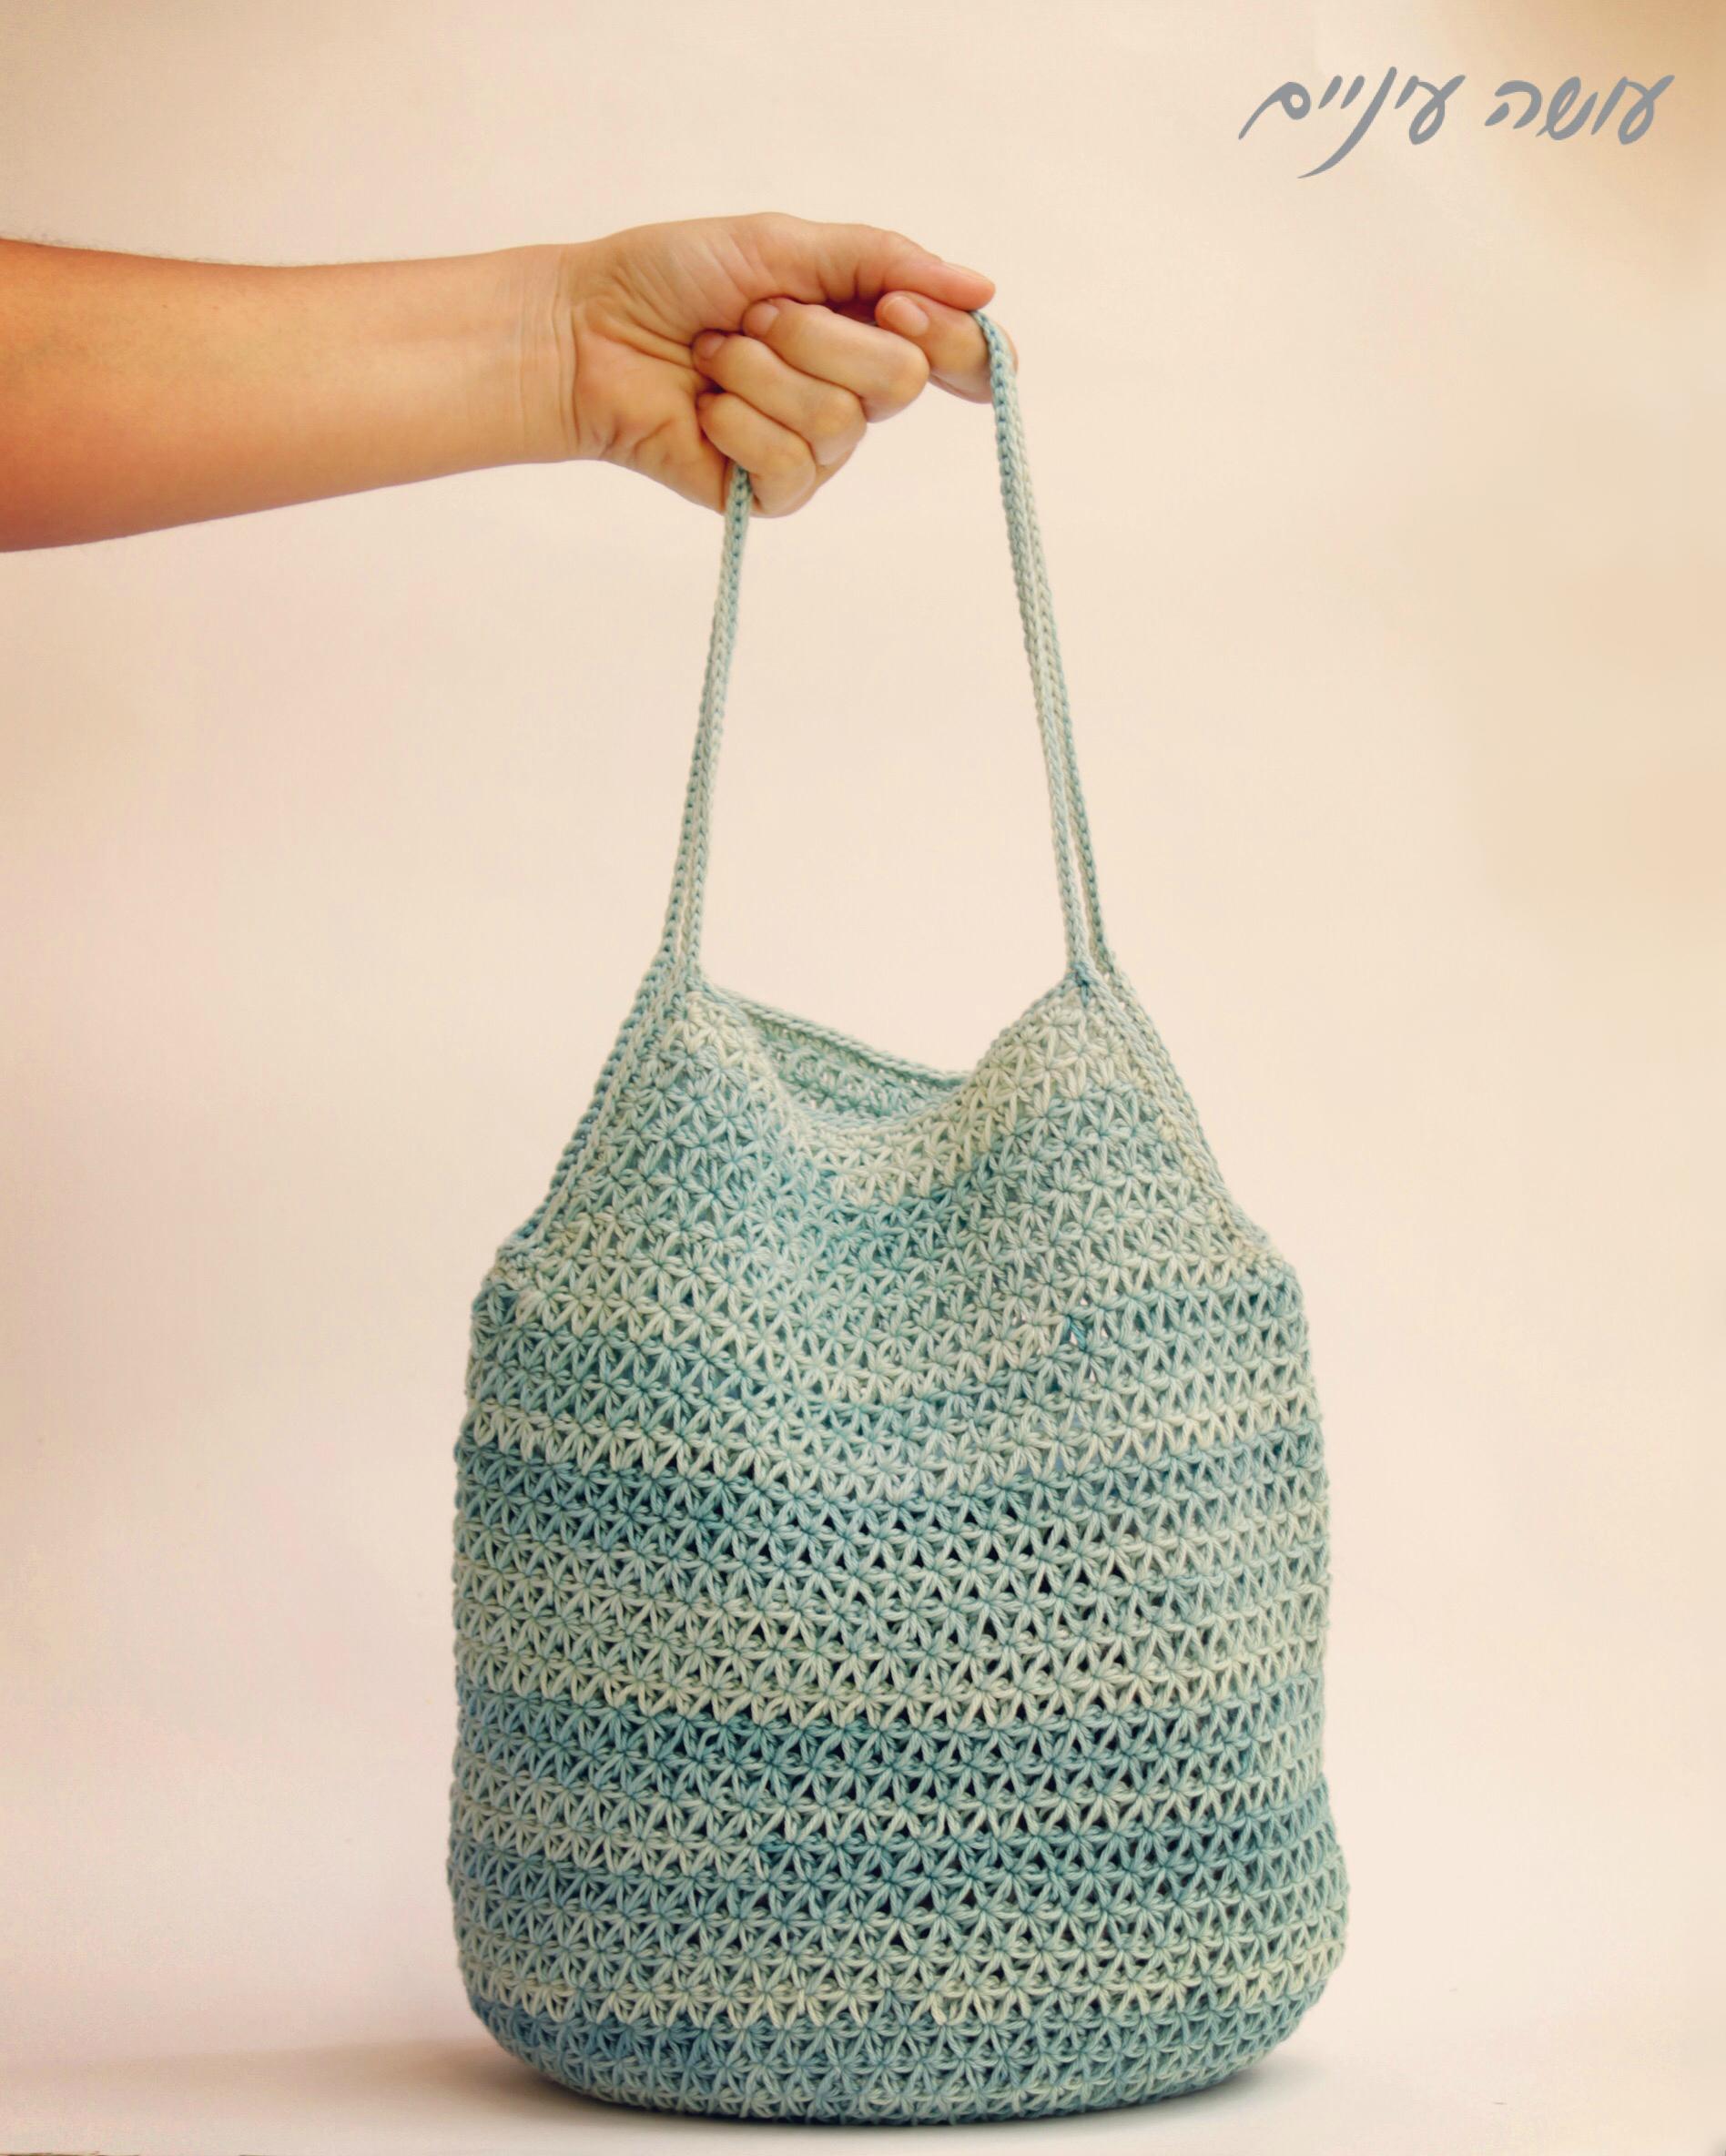 עושה עיניים - דוגמת שטיח כוכבים סרוג מחוטי טריקו || Osa Einaim - Star rug - crochet t-shirt yarn rug pattern